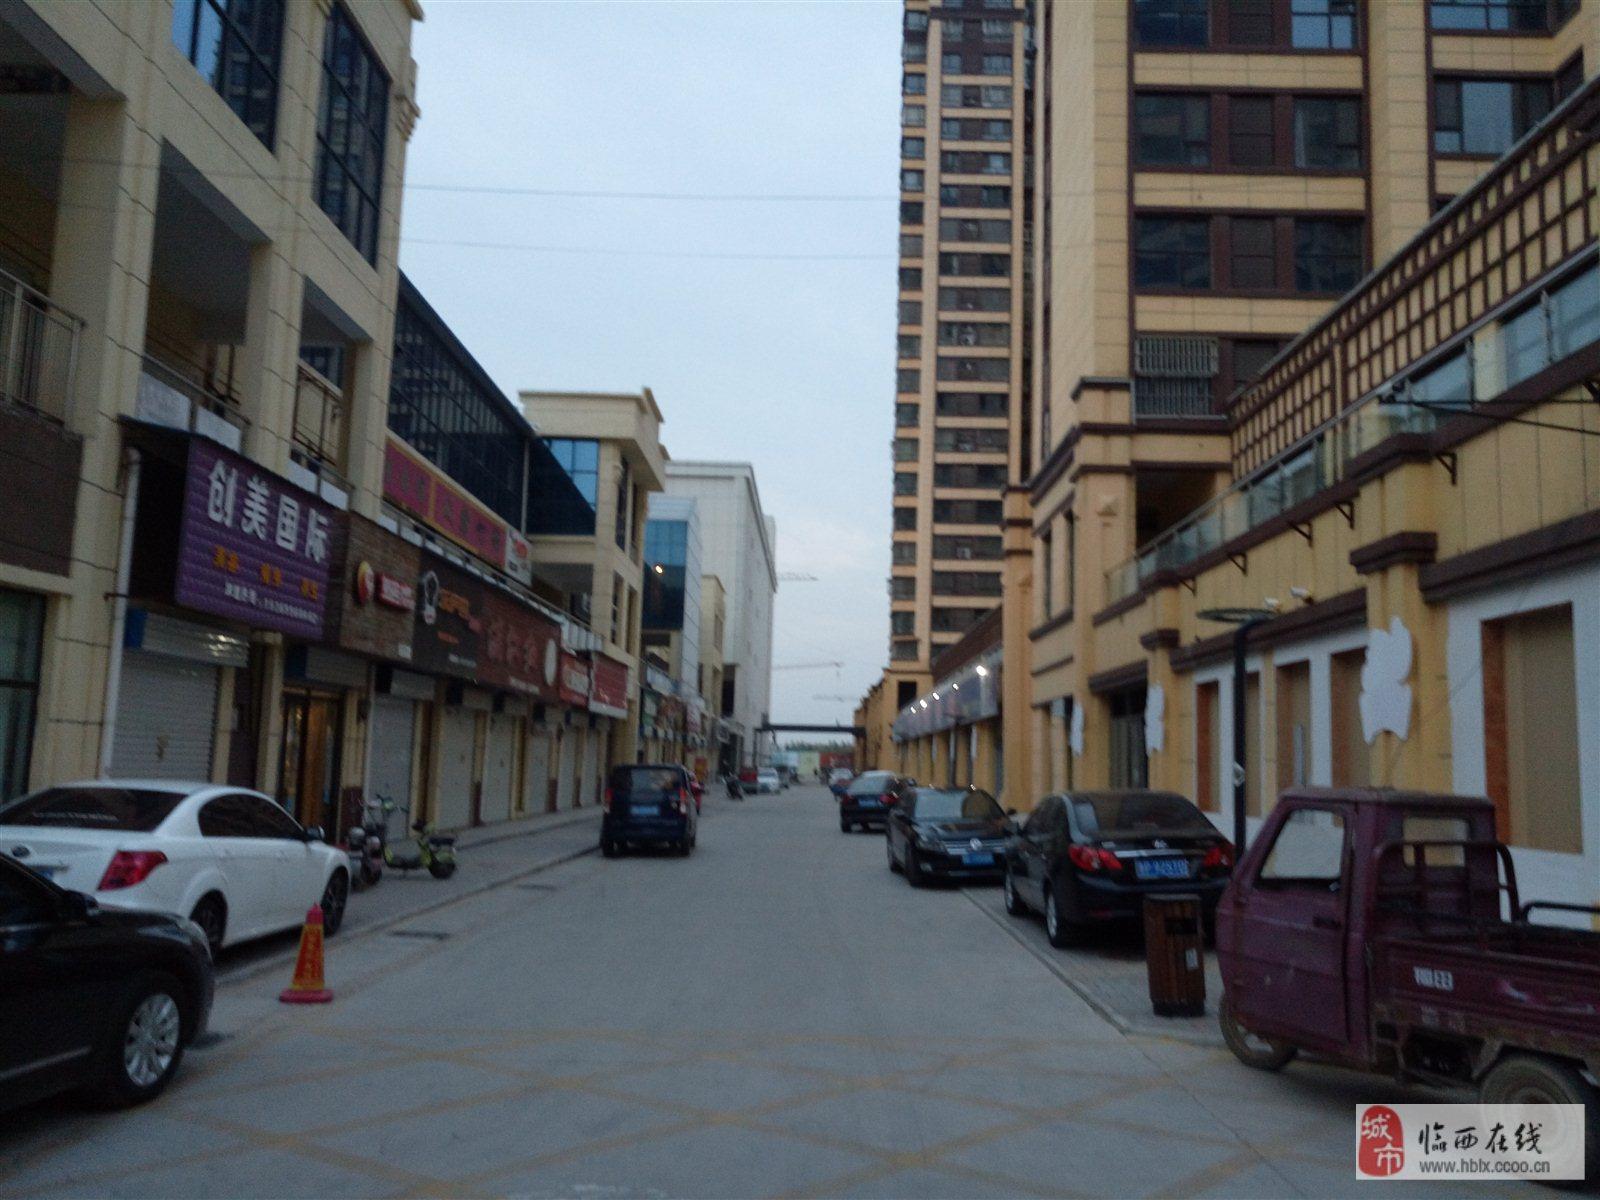 出售世纪大观商业街二楼门面和友谊宾馆后门面一间